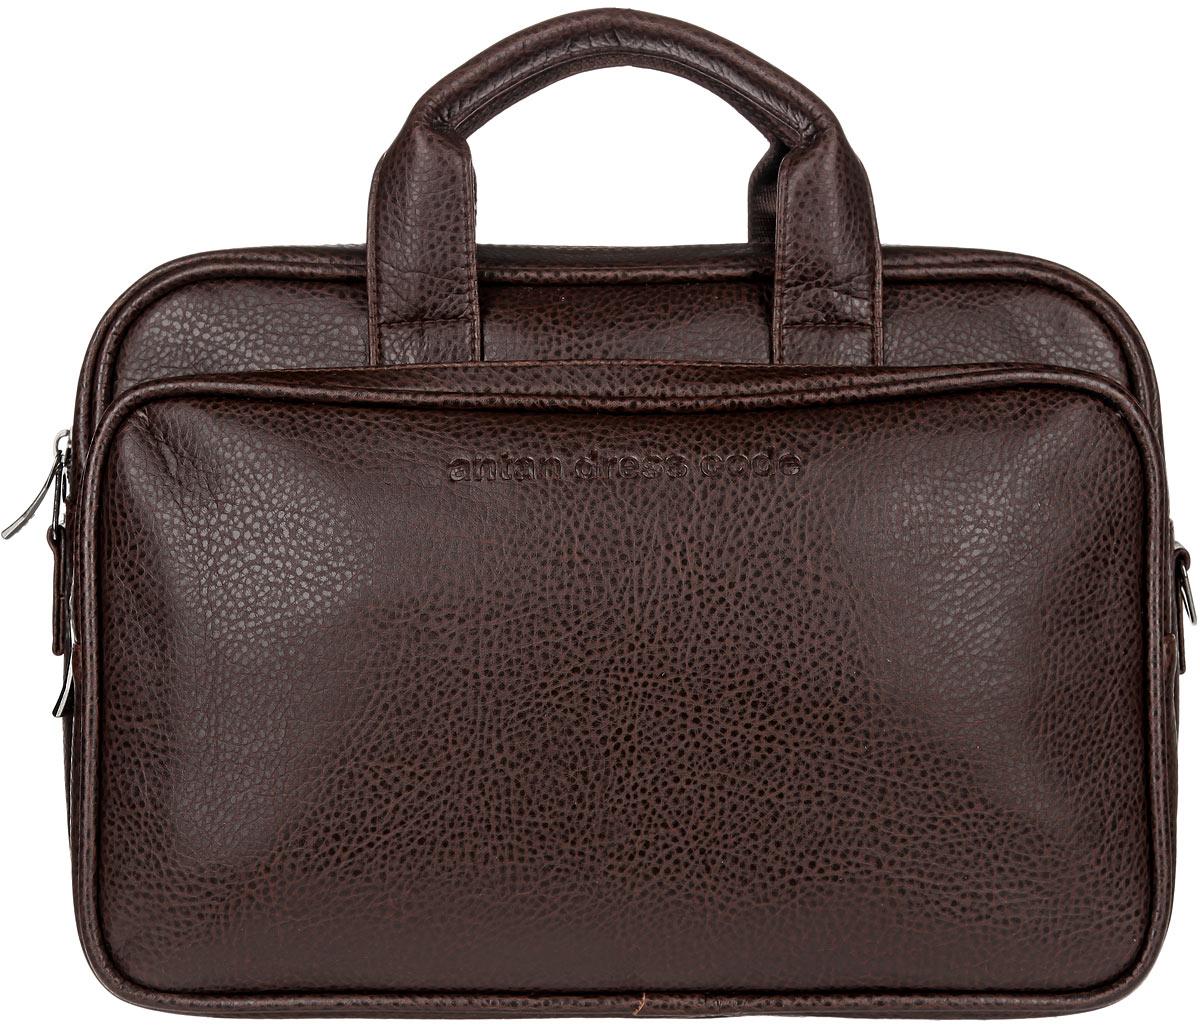 Сумка мужская Antan, цвет: темно-коричневый. 8-48S76245Стильная мужская сумка Antan, выполненная из искусственной кожи, оформлена тисненым логотипом бренда на лицевой стороне. Сумка состоит из одного отделения, закрывающегося на застежку-молнию. Внутри расположены два накладных сетчатых кармана. Снаружи, на передней и задней стенках находятся два объемных накладных кармана на застежках-молниях. Основание защищено от повреждений металлическими ножками.Сумка оснащена двумя удобными ручками. В комплект входит съемный текстильный плечевой ремень регулируемой длины.Сумка - это стильный аксессуар, который подчеркнет вашу изысканность и индивидуальность и сделает ваш образ завершенным.